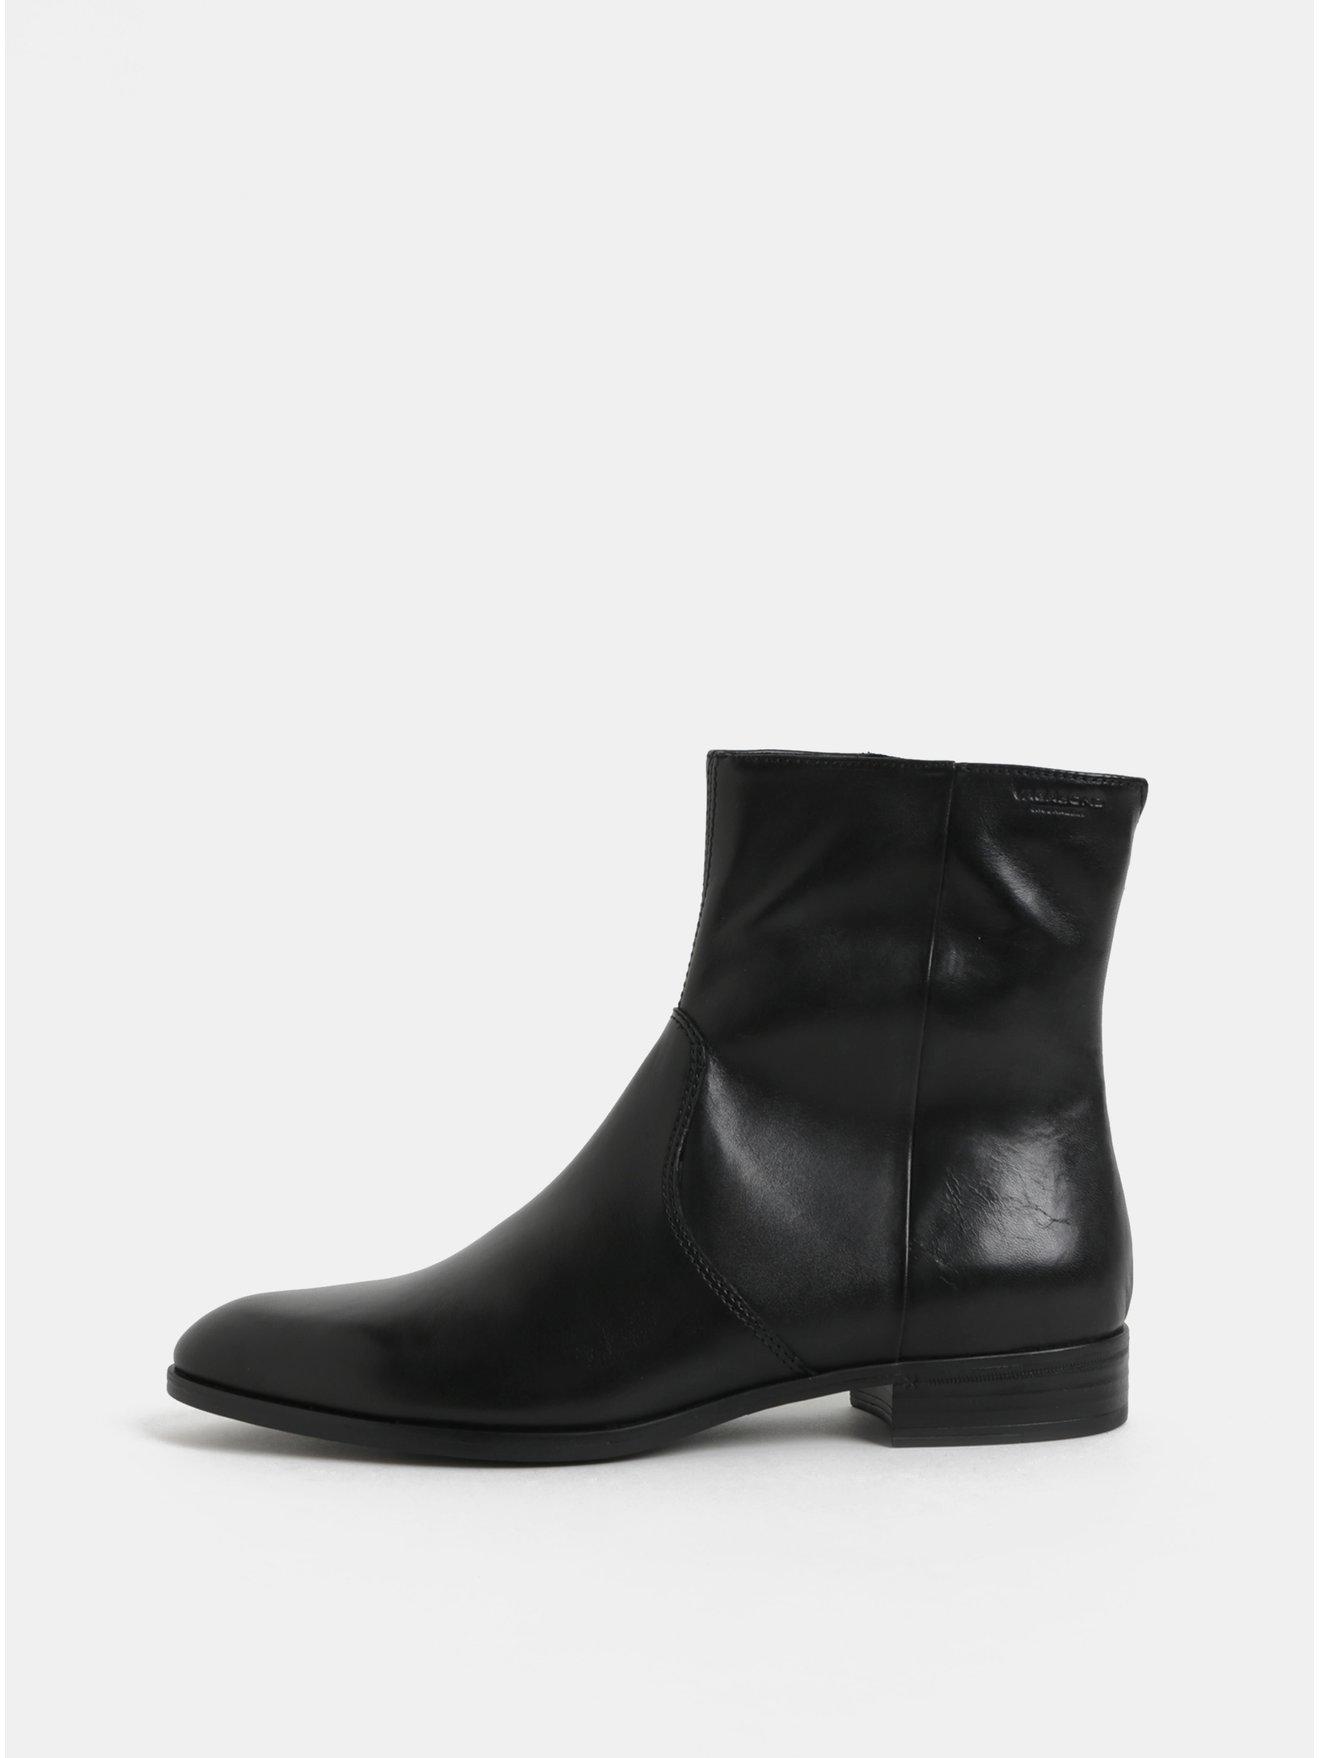 f24d2bea3a2 Černé dámské kožené kotníkové boty Vagabond Frances Sister